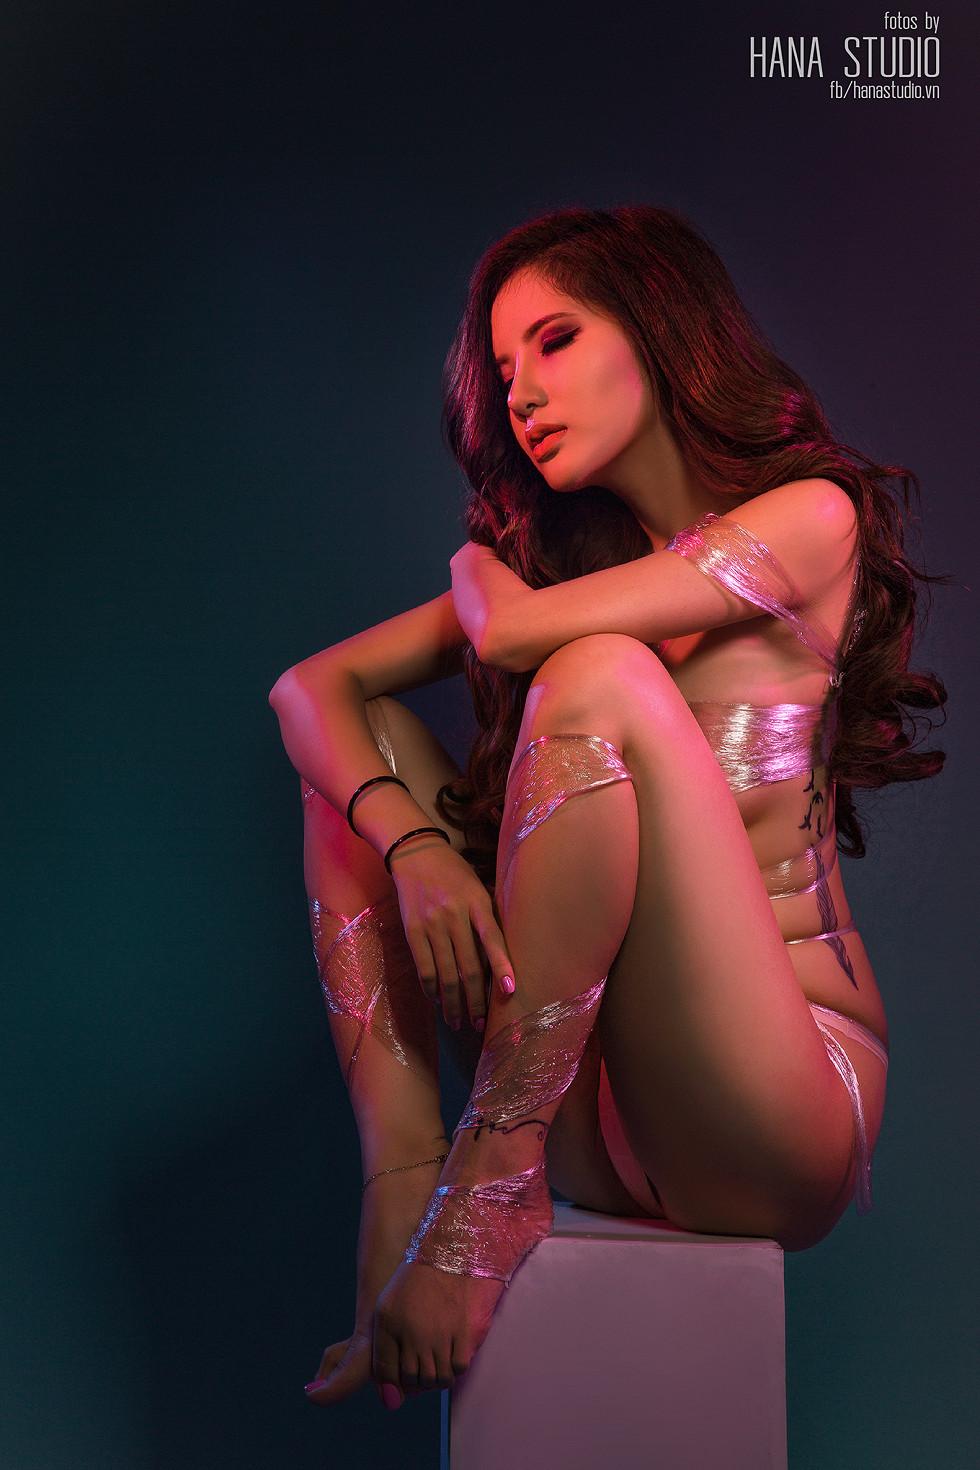 长腿女神紧身牛仔短裤性感撩人+透明塑料裹身秀豪乳诱惑写真25P